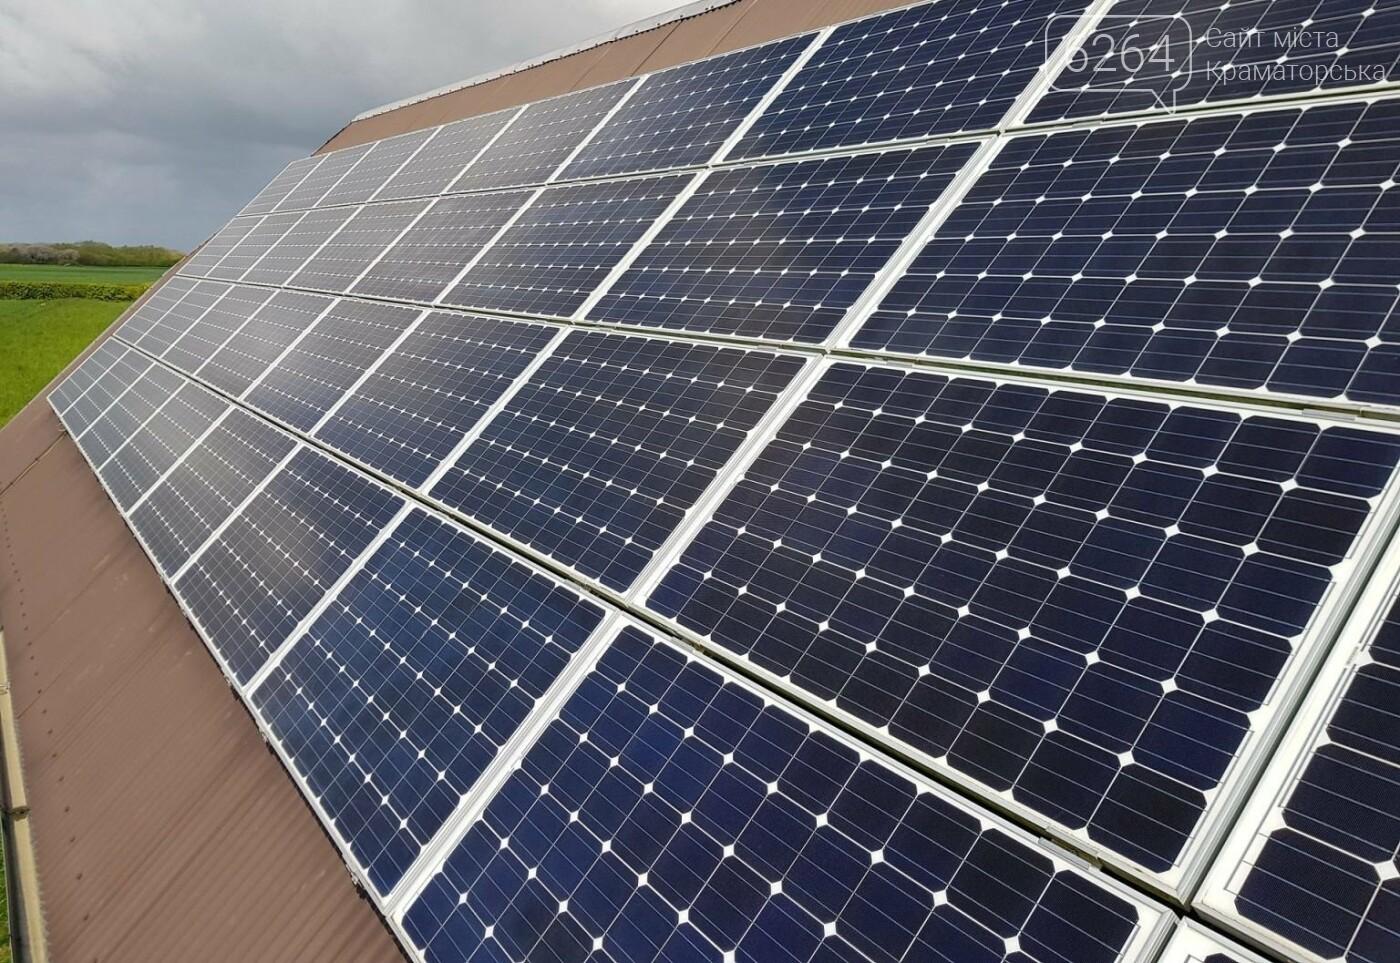 Как зарабатывать на зеленом тарифе более 400-500$ в месяц, при росте цен на электроэнергию, фото-1